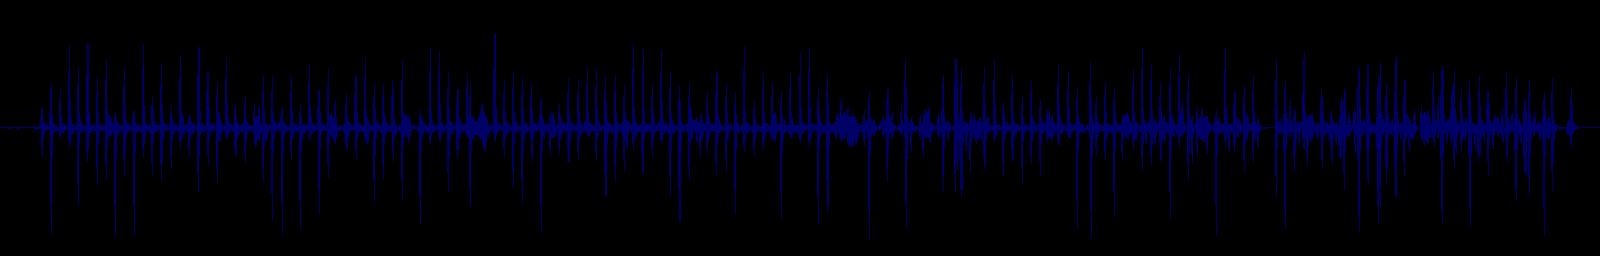 waveform of track #118886